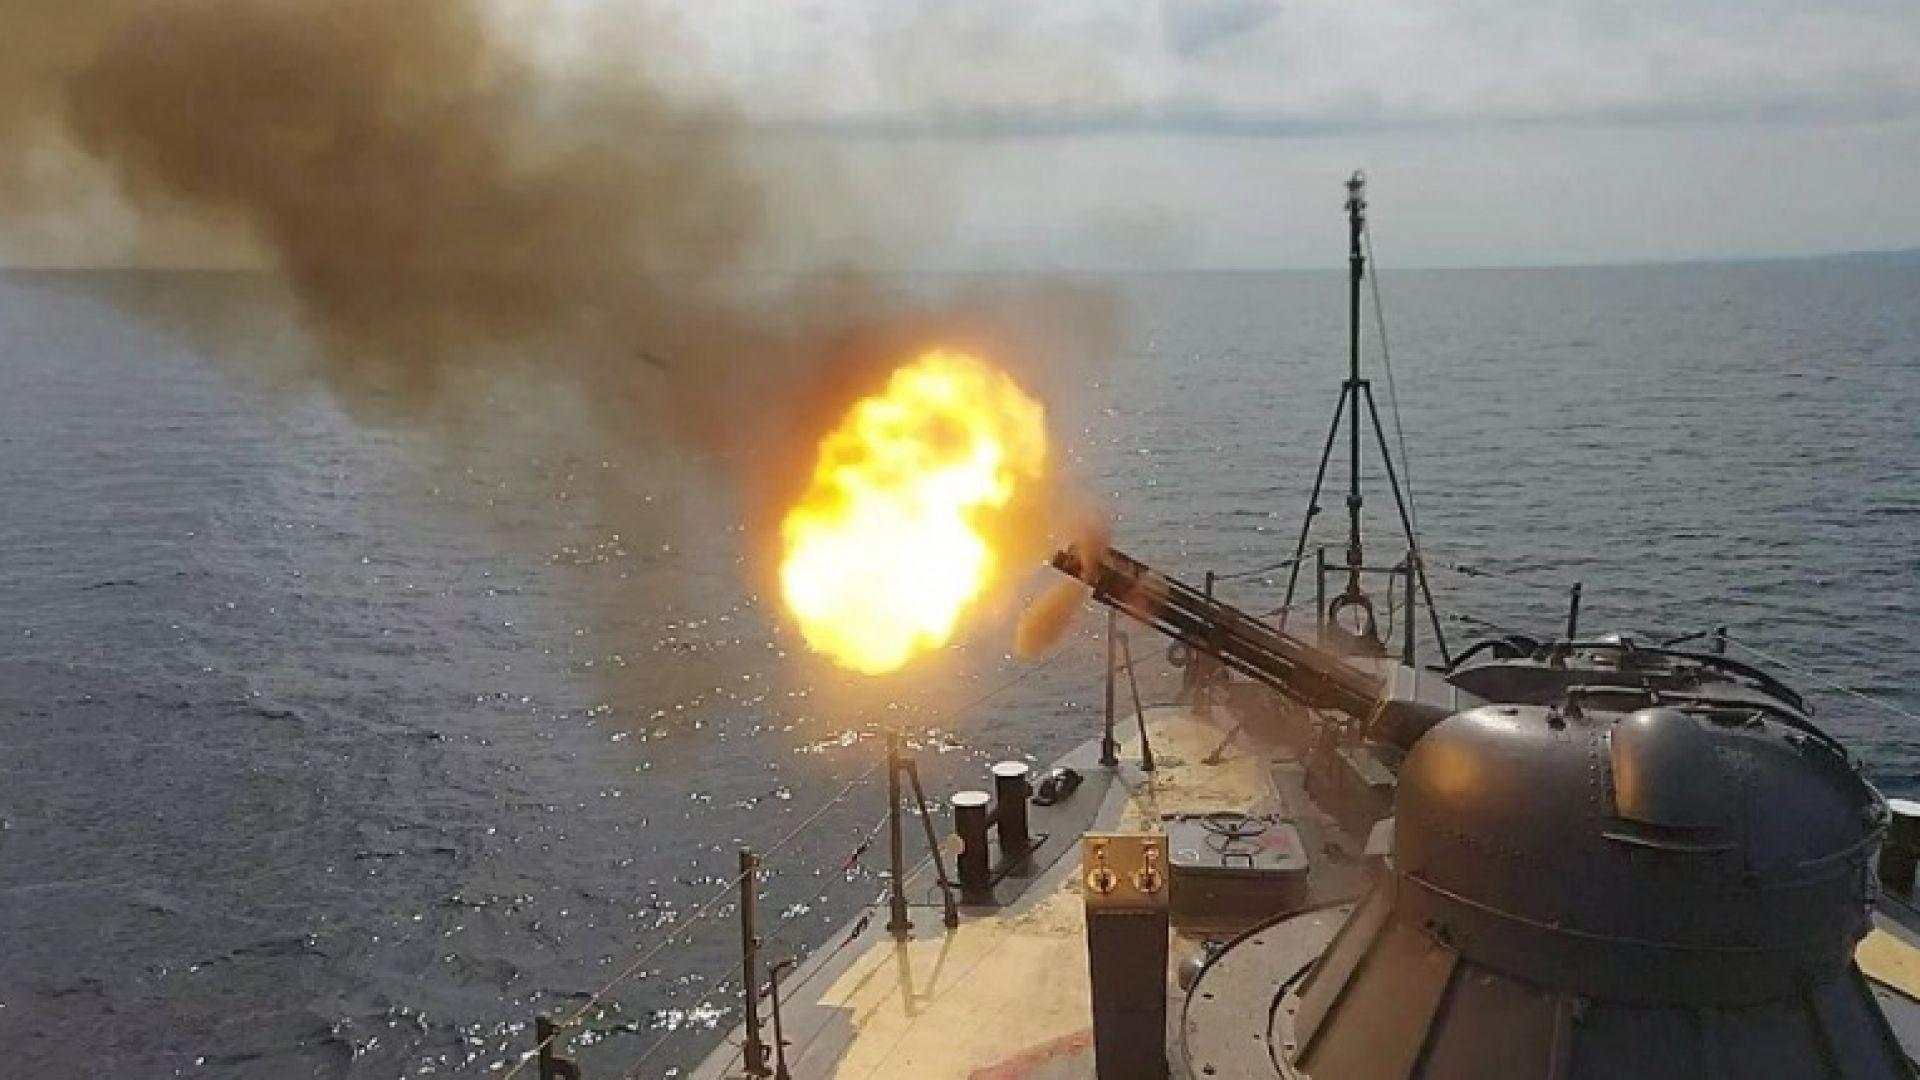 Бойни кораби  тренират защита от ядрено оръжие в Черно море (снимки)